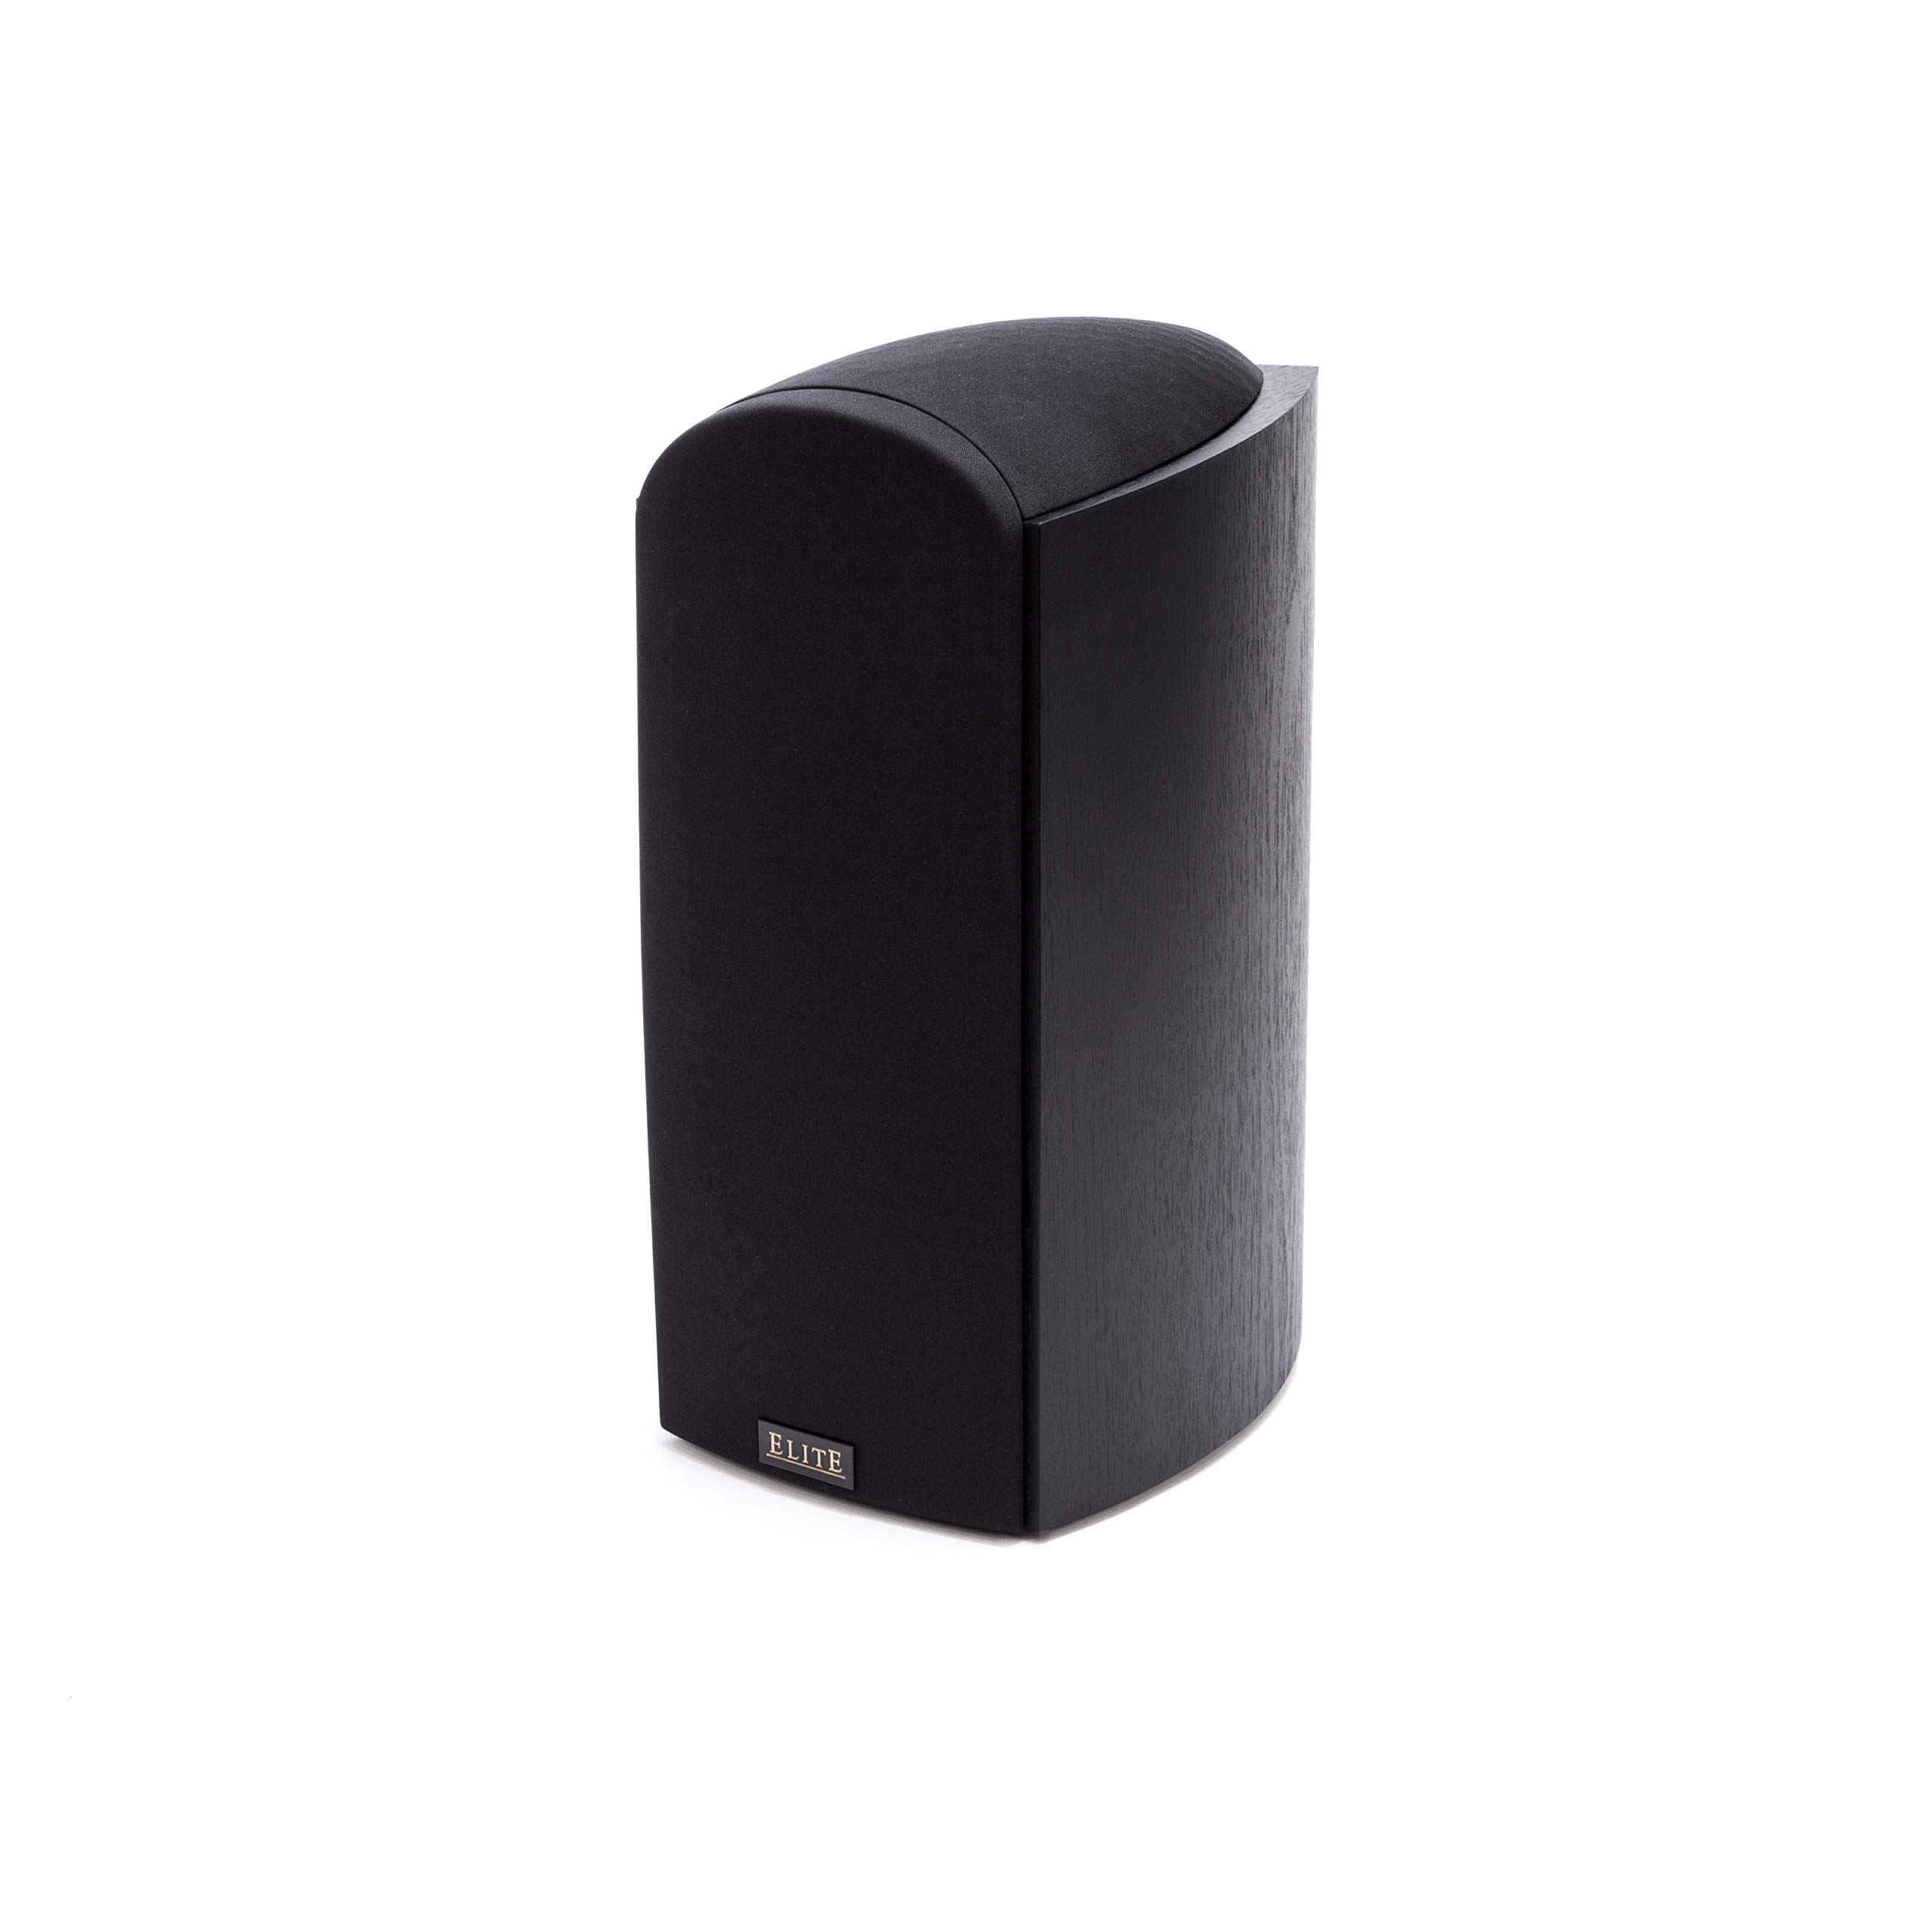 Parlante : Pioneer Elite Sp-ebs73 Dolby Atmos (par)